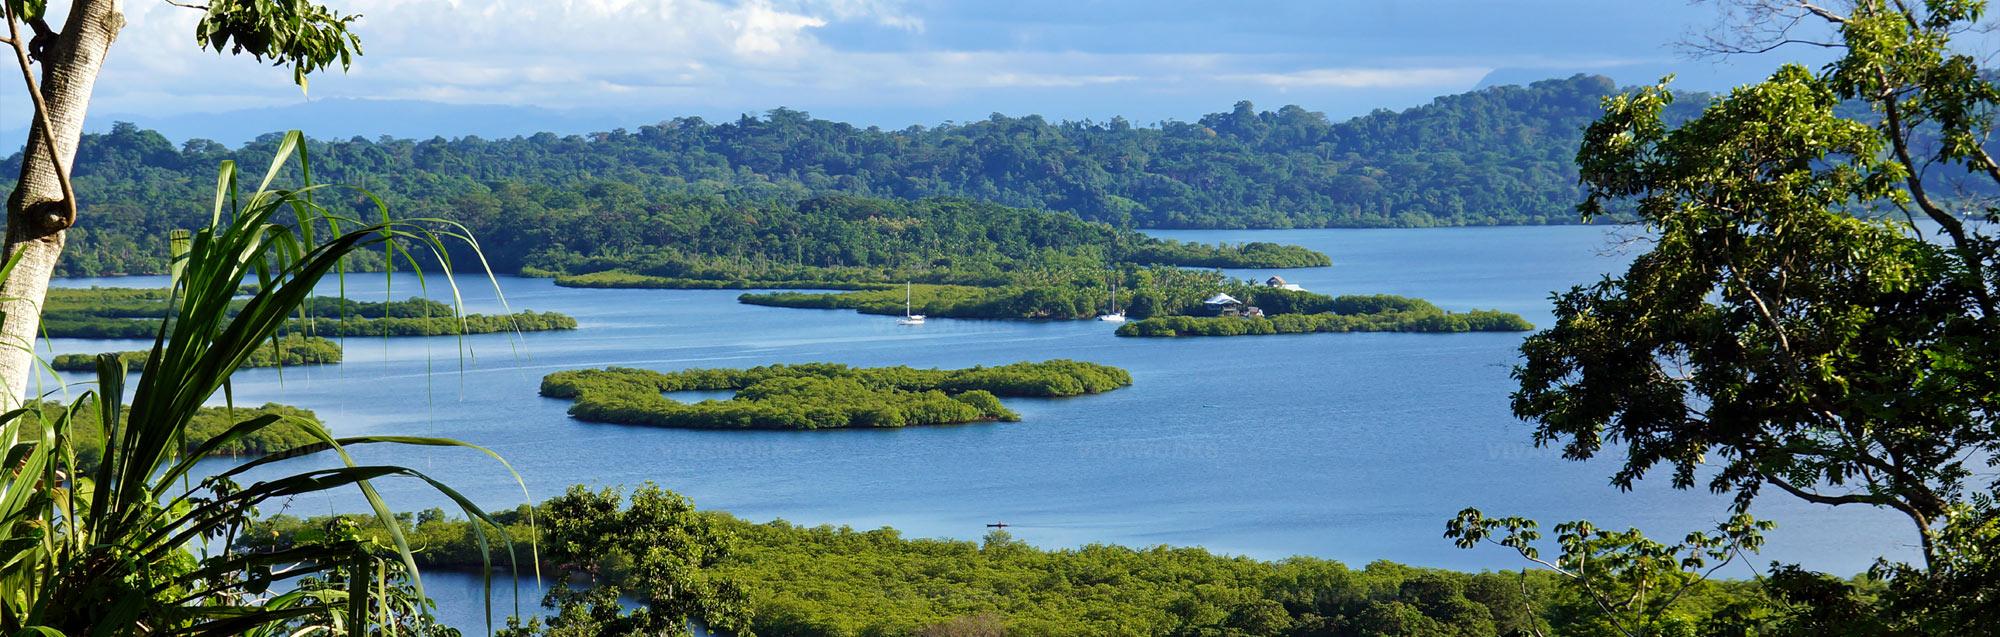 Vacanze studio Panamá, corsi di Spagnolo a Panamá